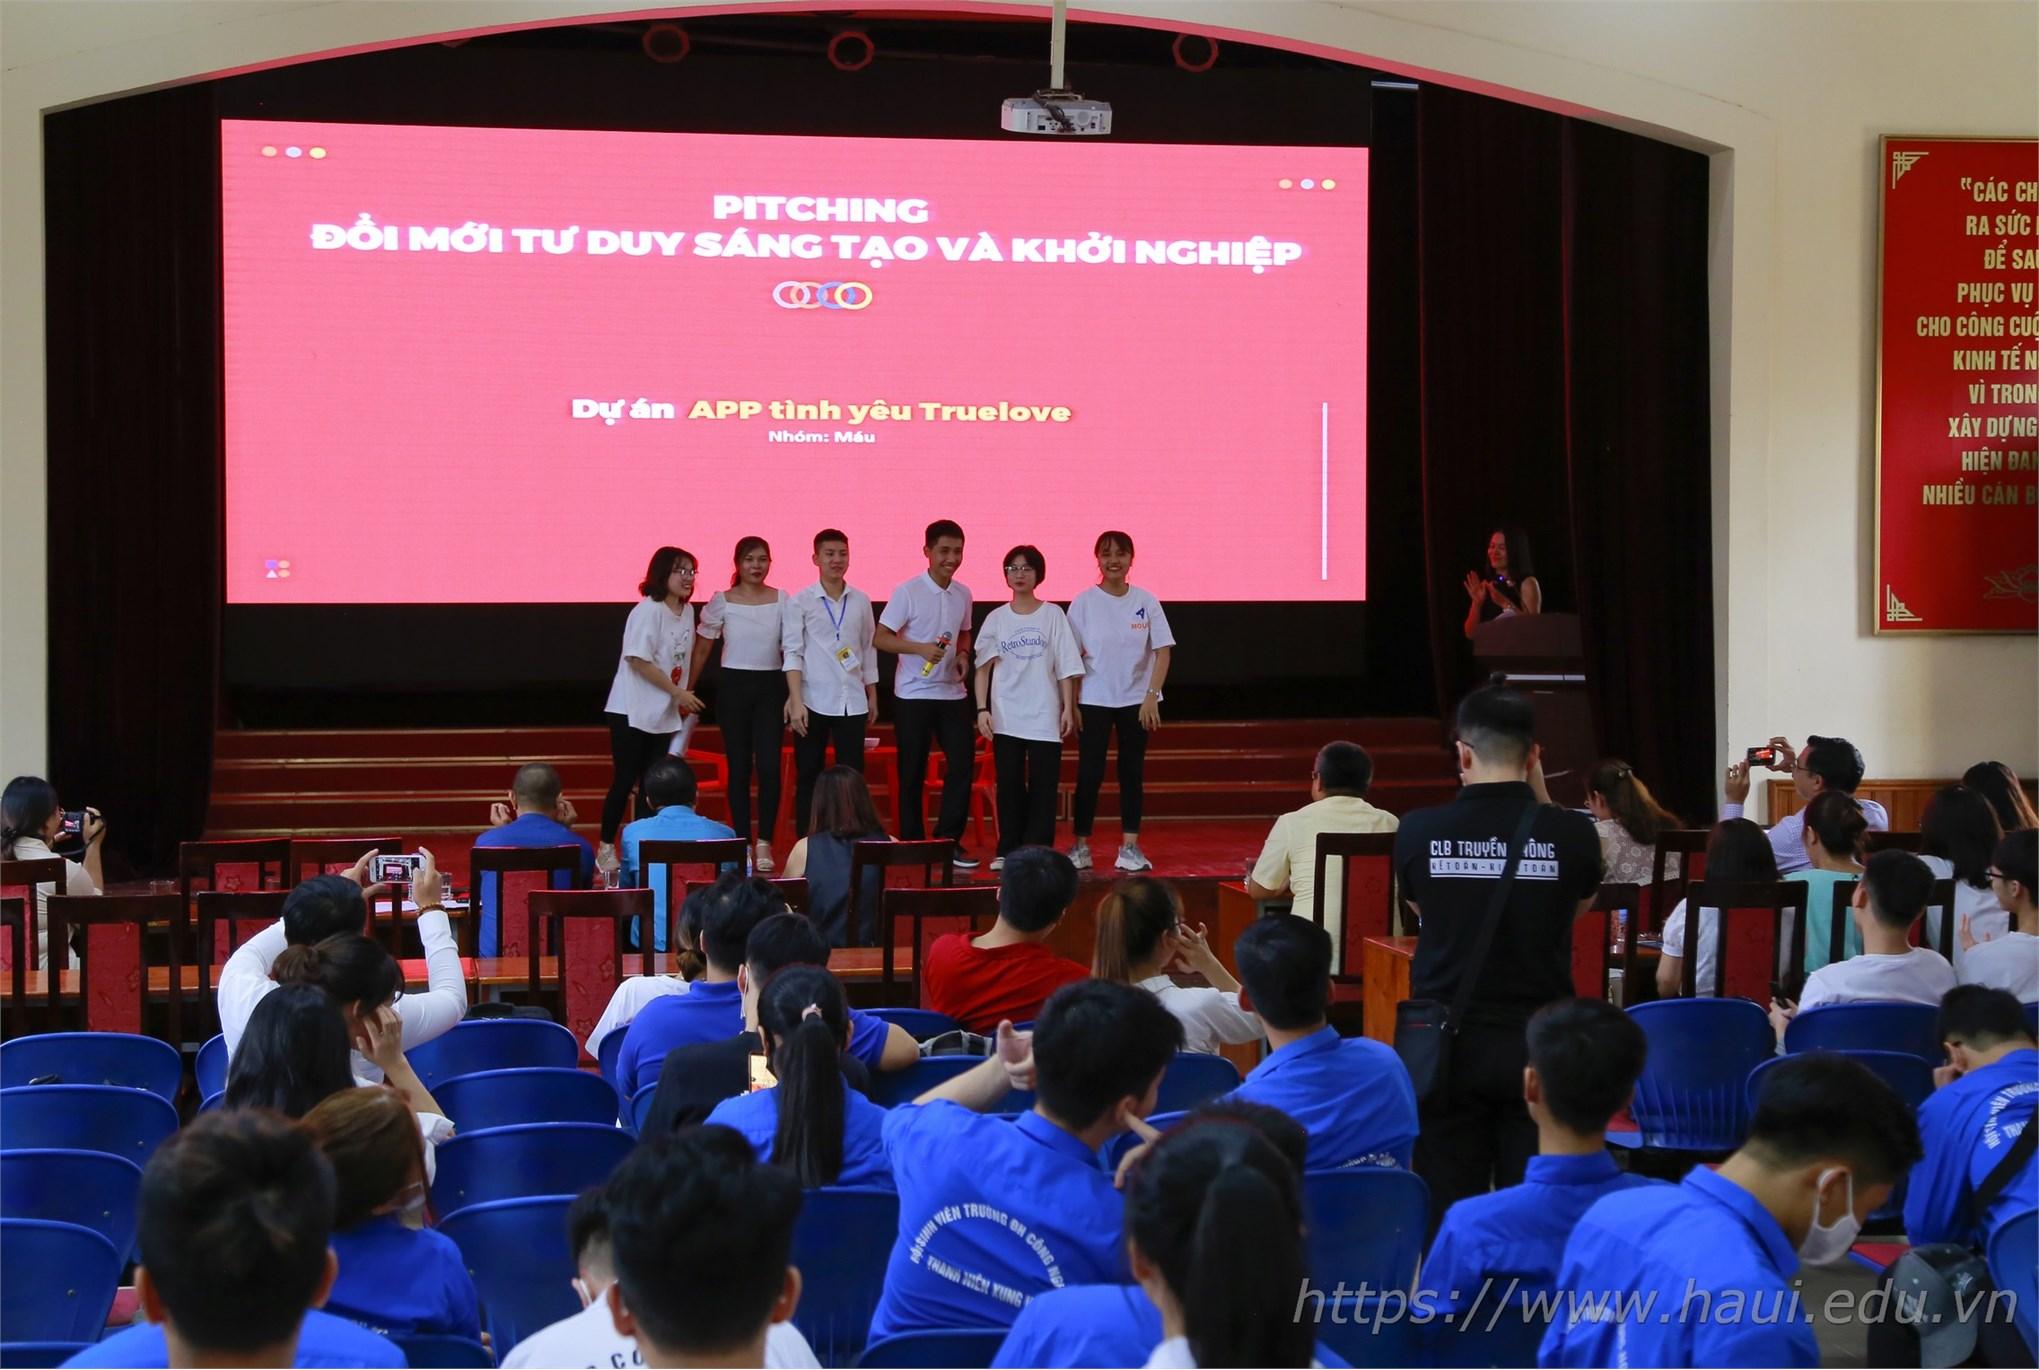 """Đào tạo """"Tư duy đổi mới sáng tạo và khởi nghiệp"""" cho sinh viên Đại học Công nghiệp Hà Nội"""